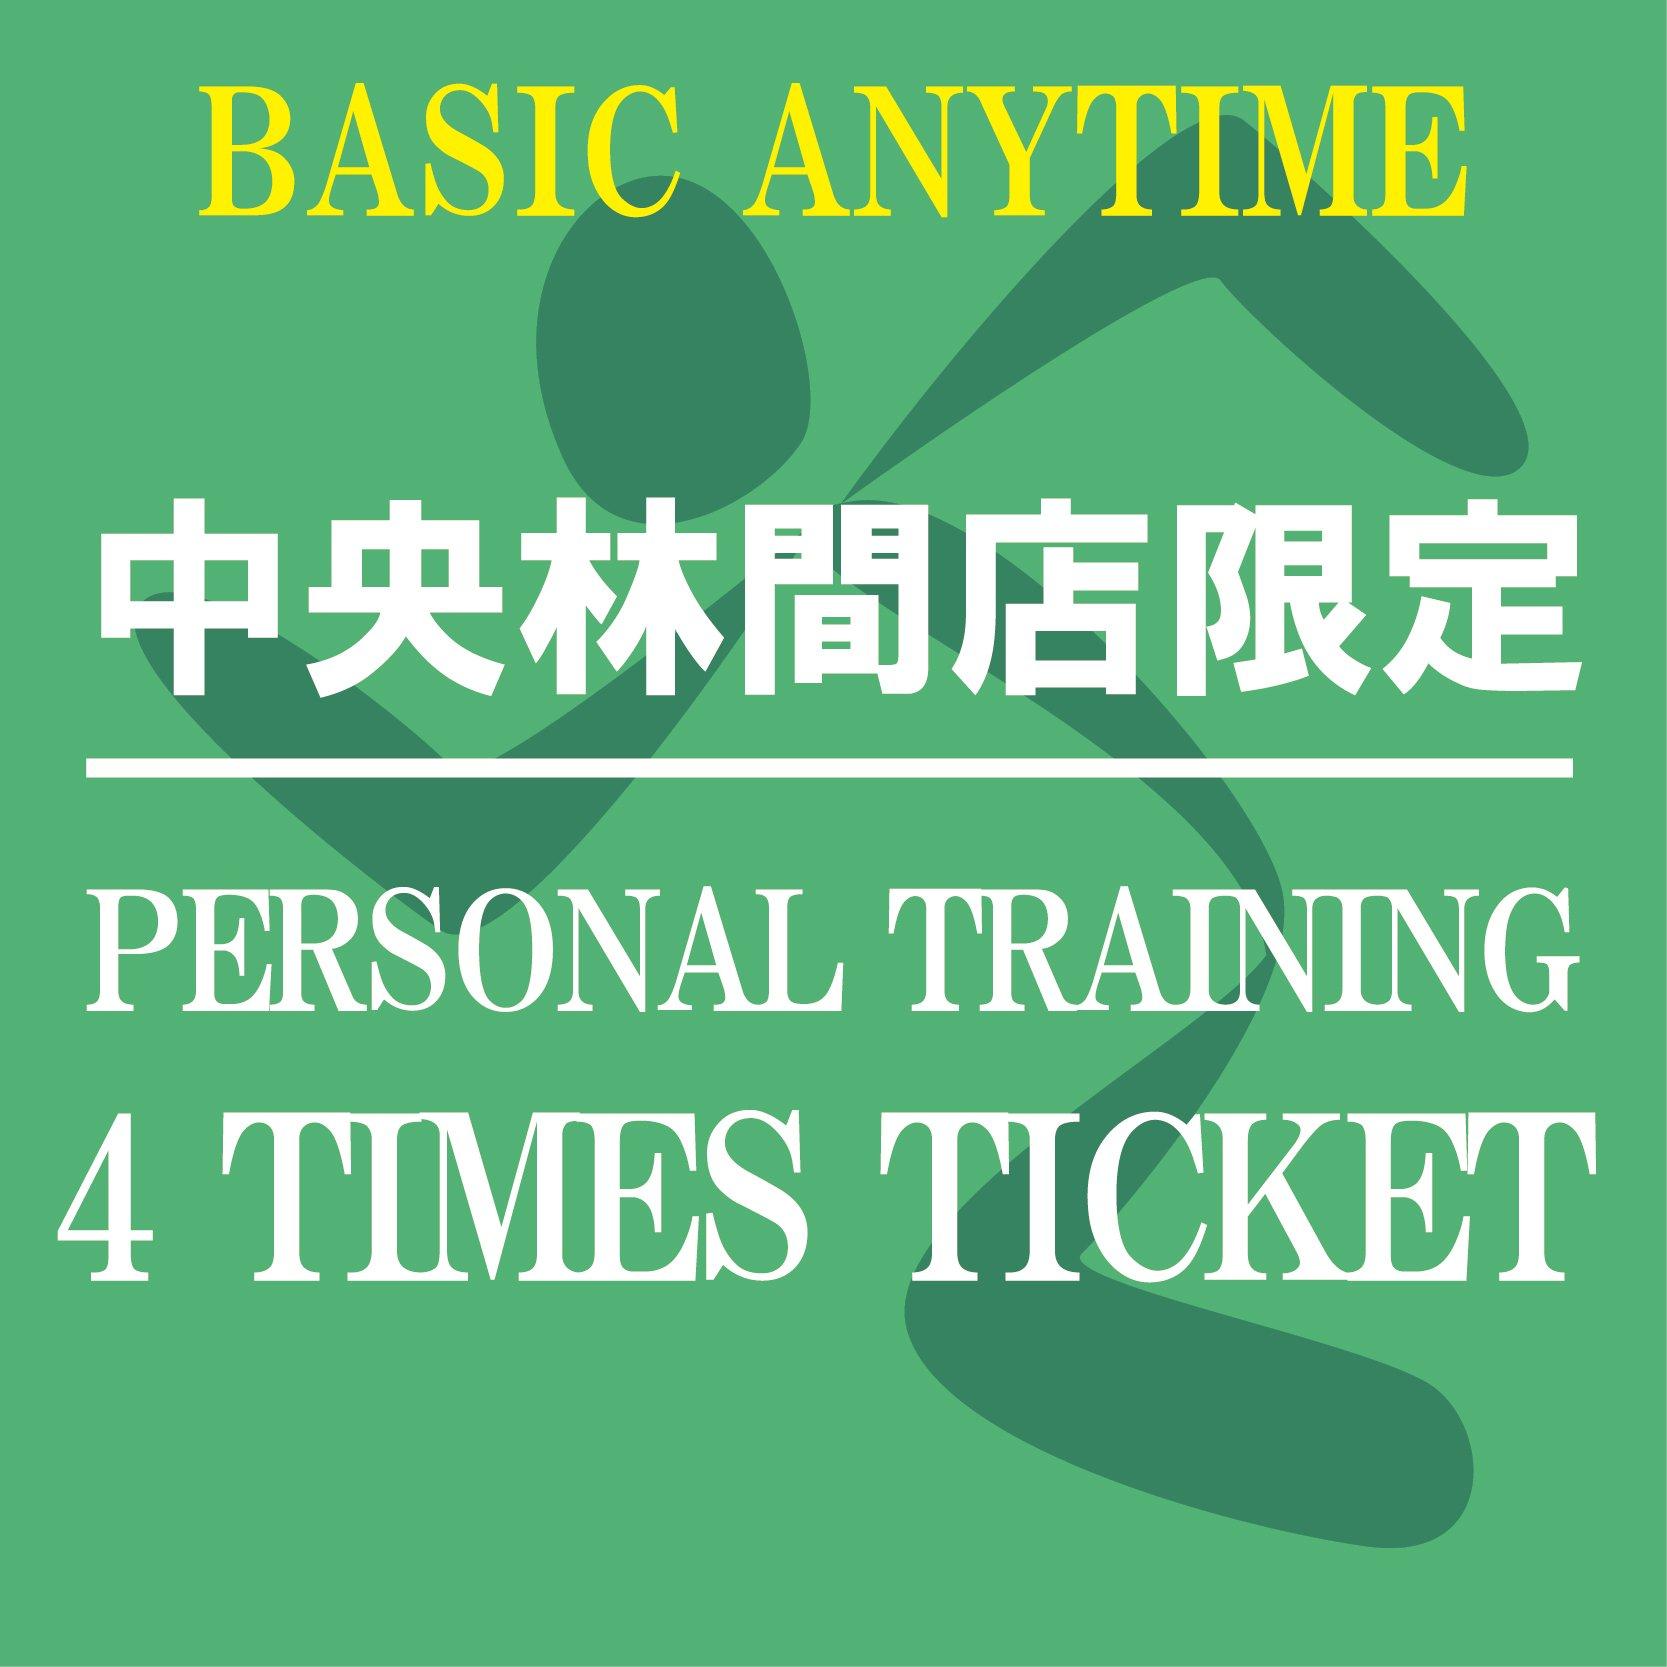 パーソナルトレーニング60分4回チケット〜ANYTIME BASIC〜[エニタイムフィットネス中央林間店限定]のイメージその1